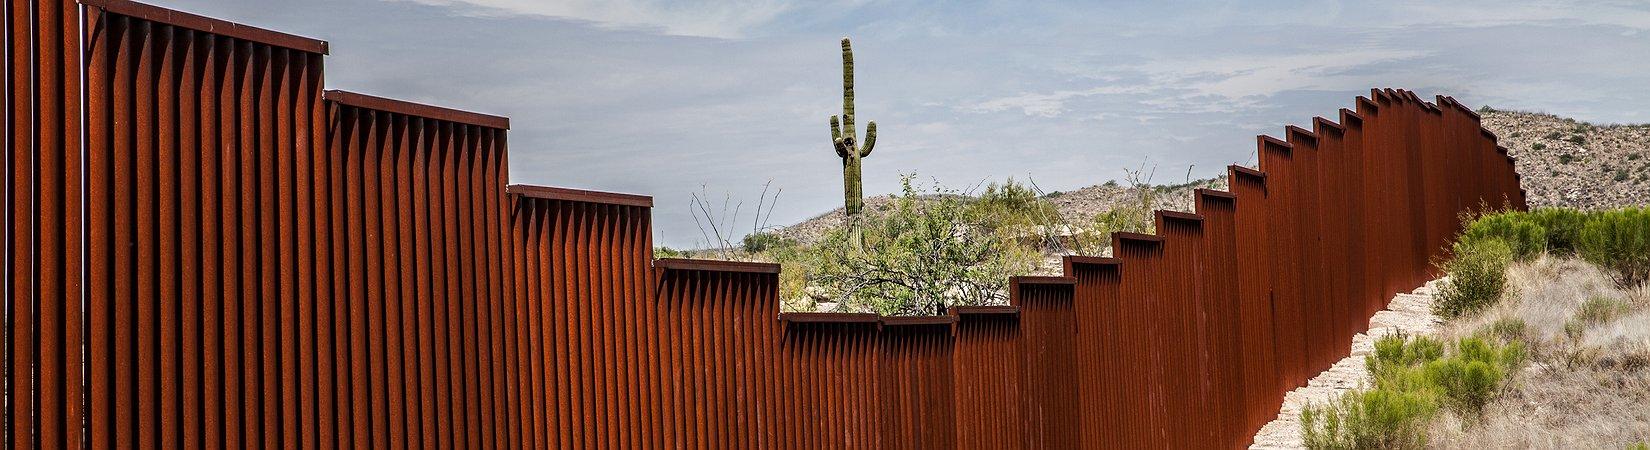 Trump assinou decreto para a construção de muro na fronteira com o México